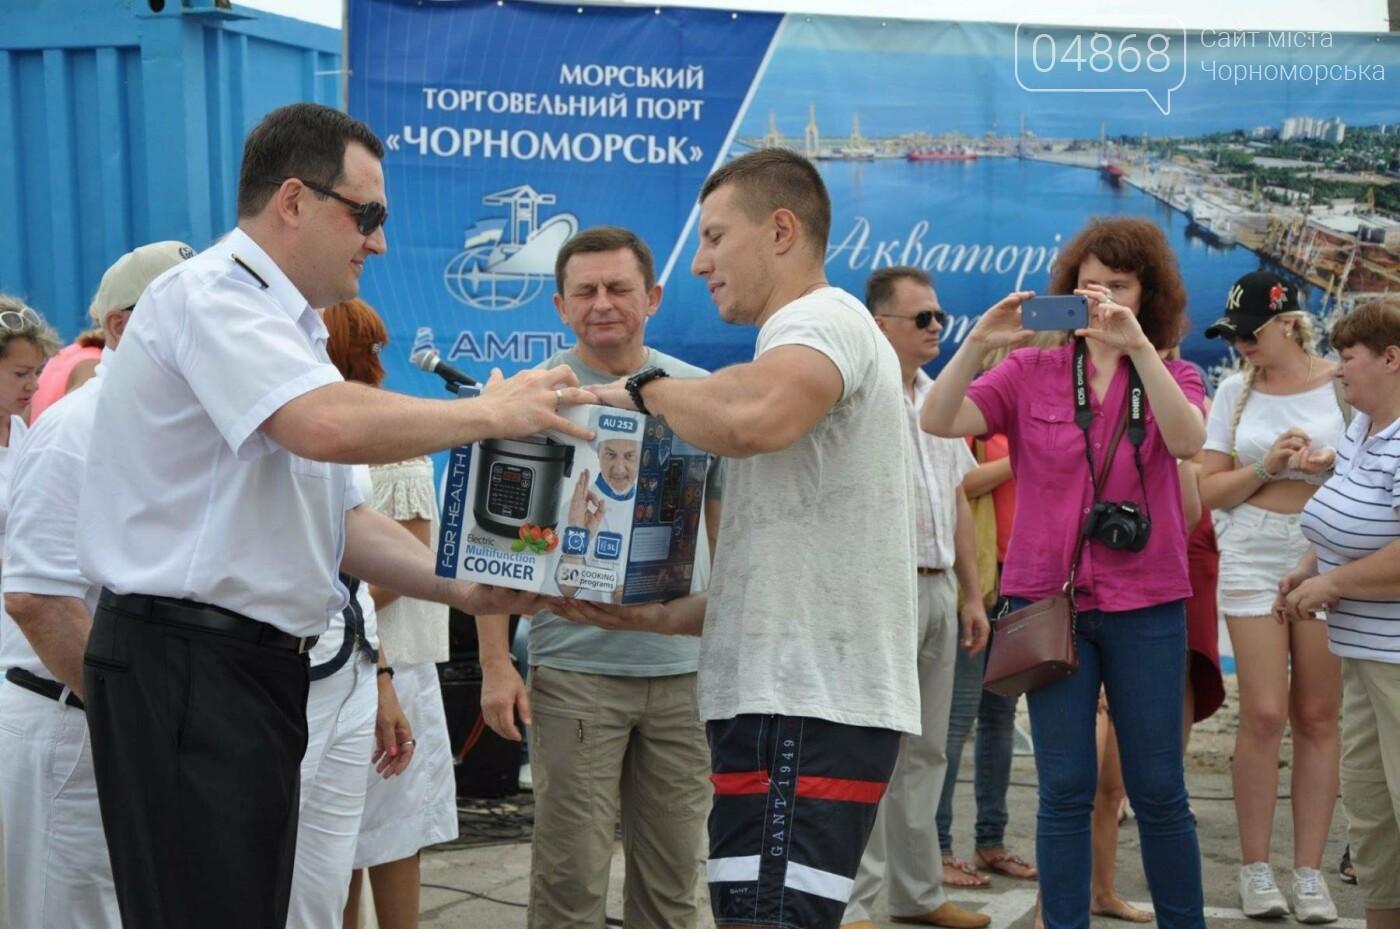 «Слава труда»: портовики Черноморска отметили профессиональный праздник яркими спортивными сражениями, фото-8